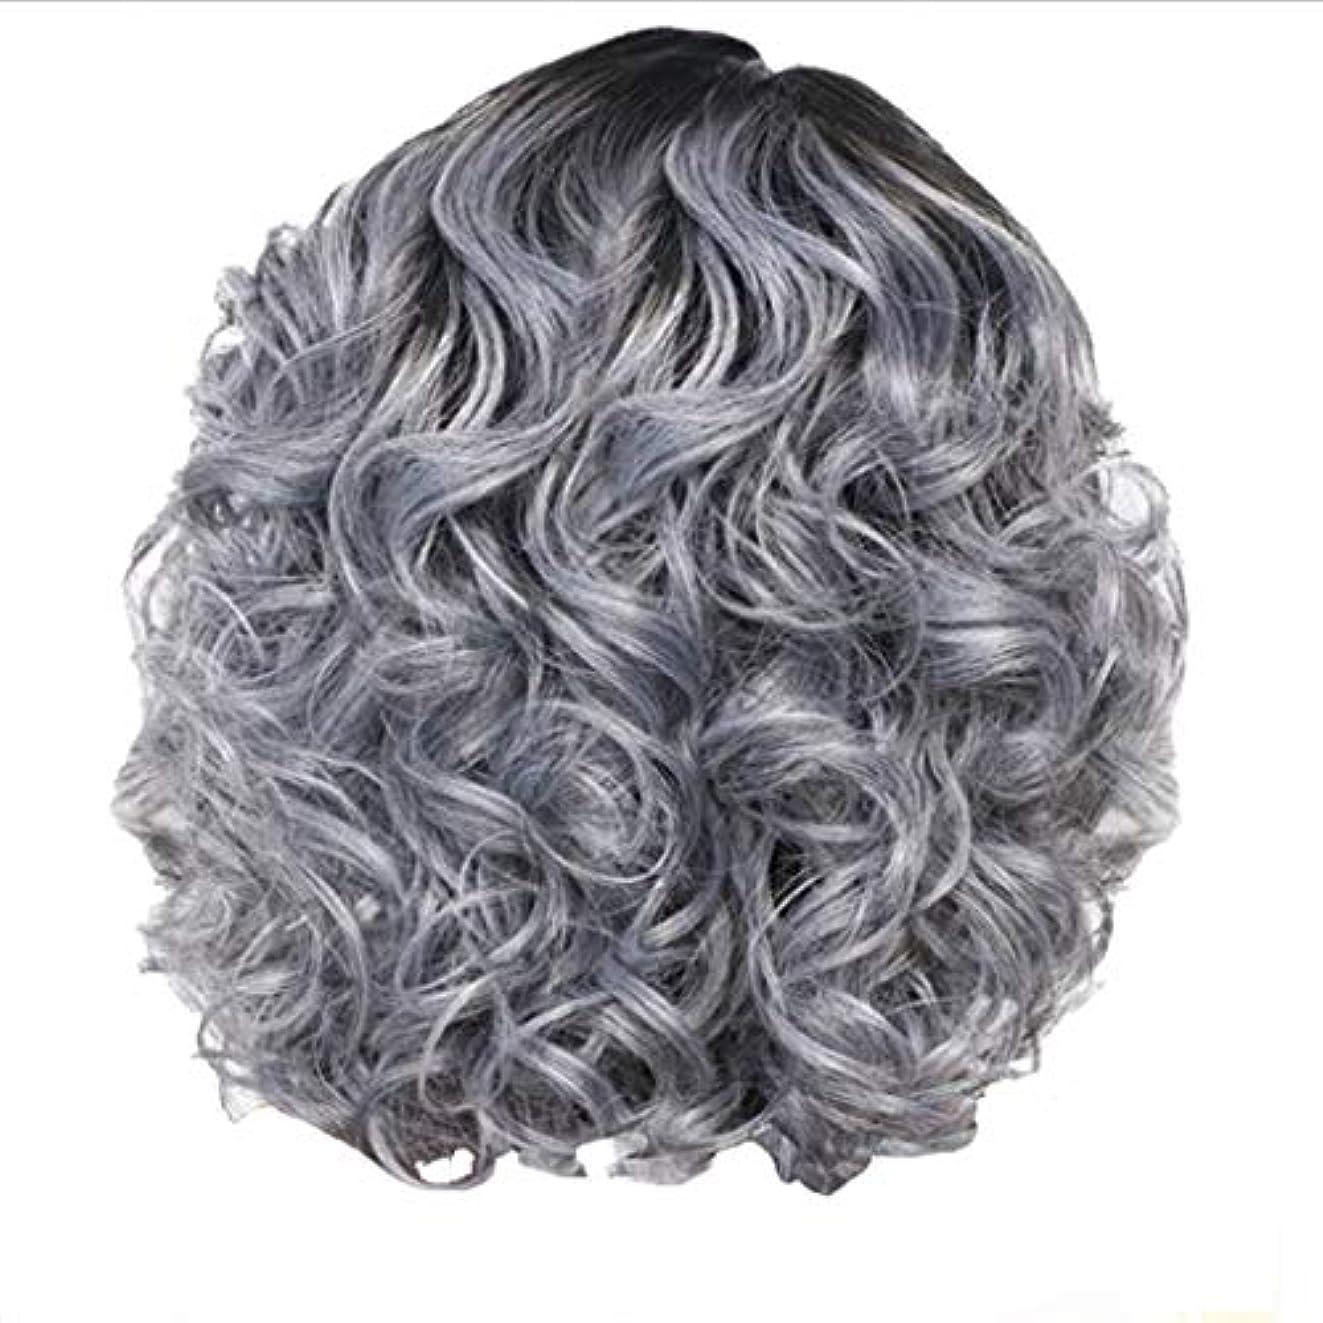 大聖堂ラメ説明かつら女性の短い巻き毛シルバーグレーレトロ巻き毛ネット30 cm